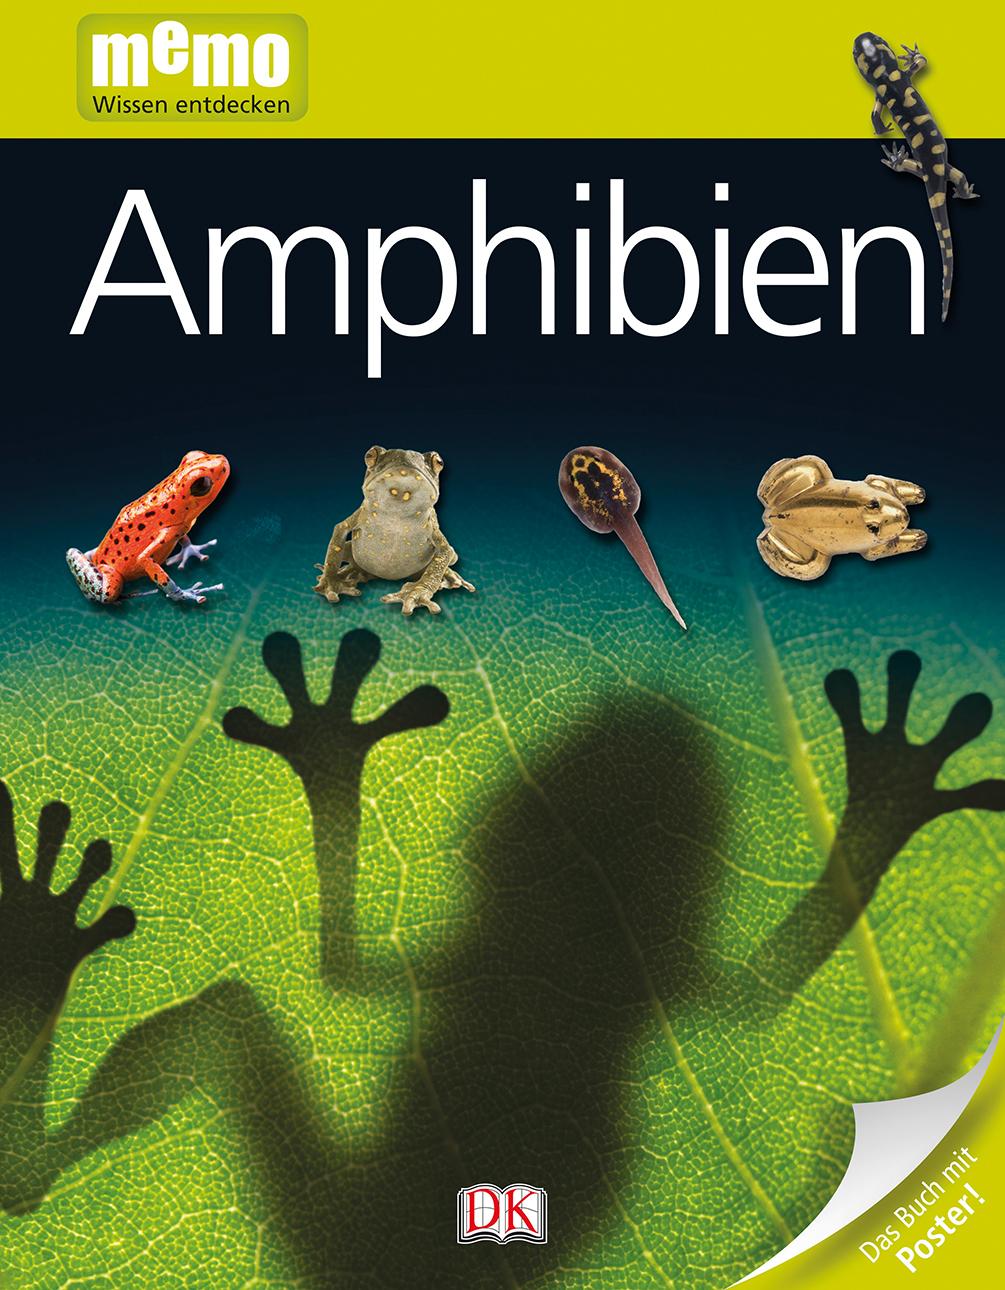 memo Wissen Entdecken, Band 84: Amphibien, mit ...